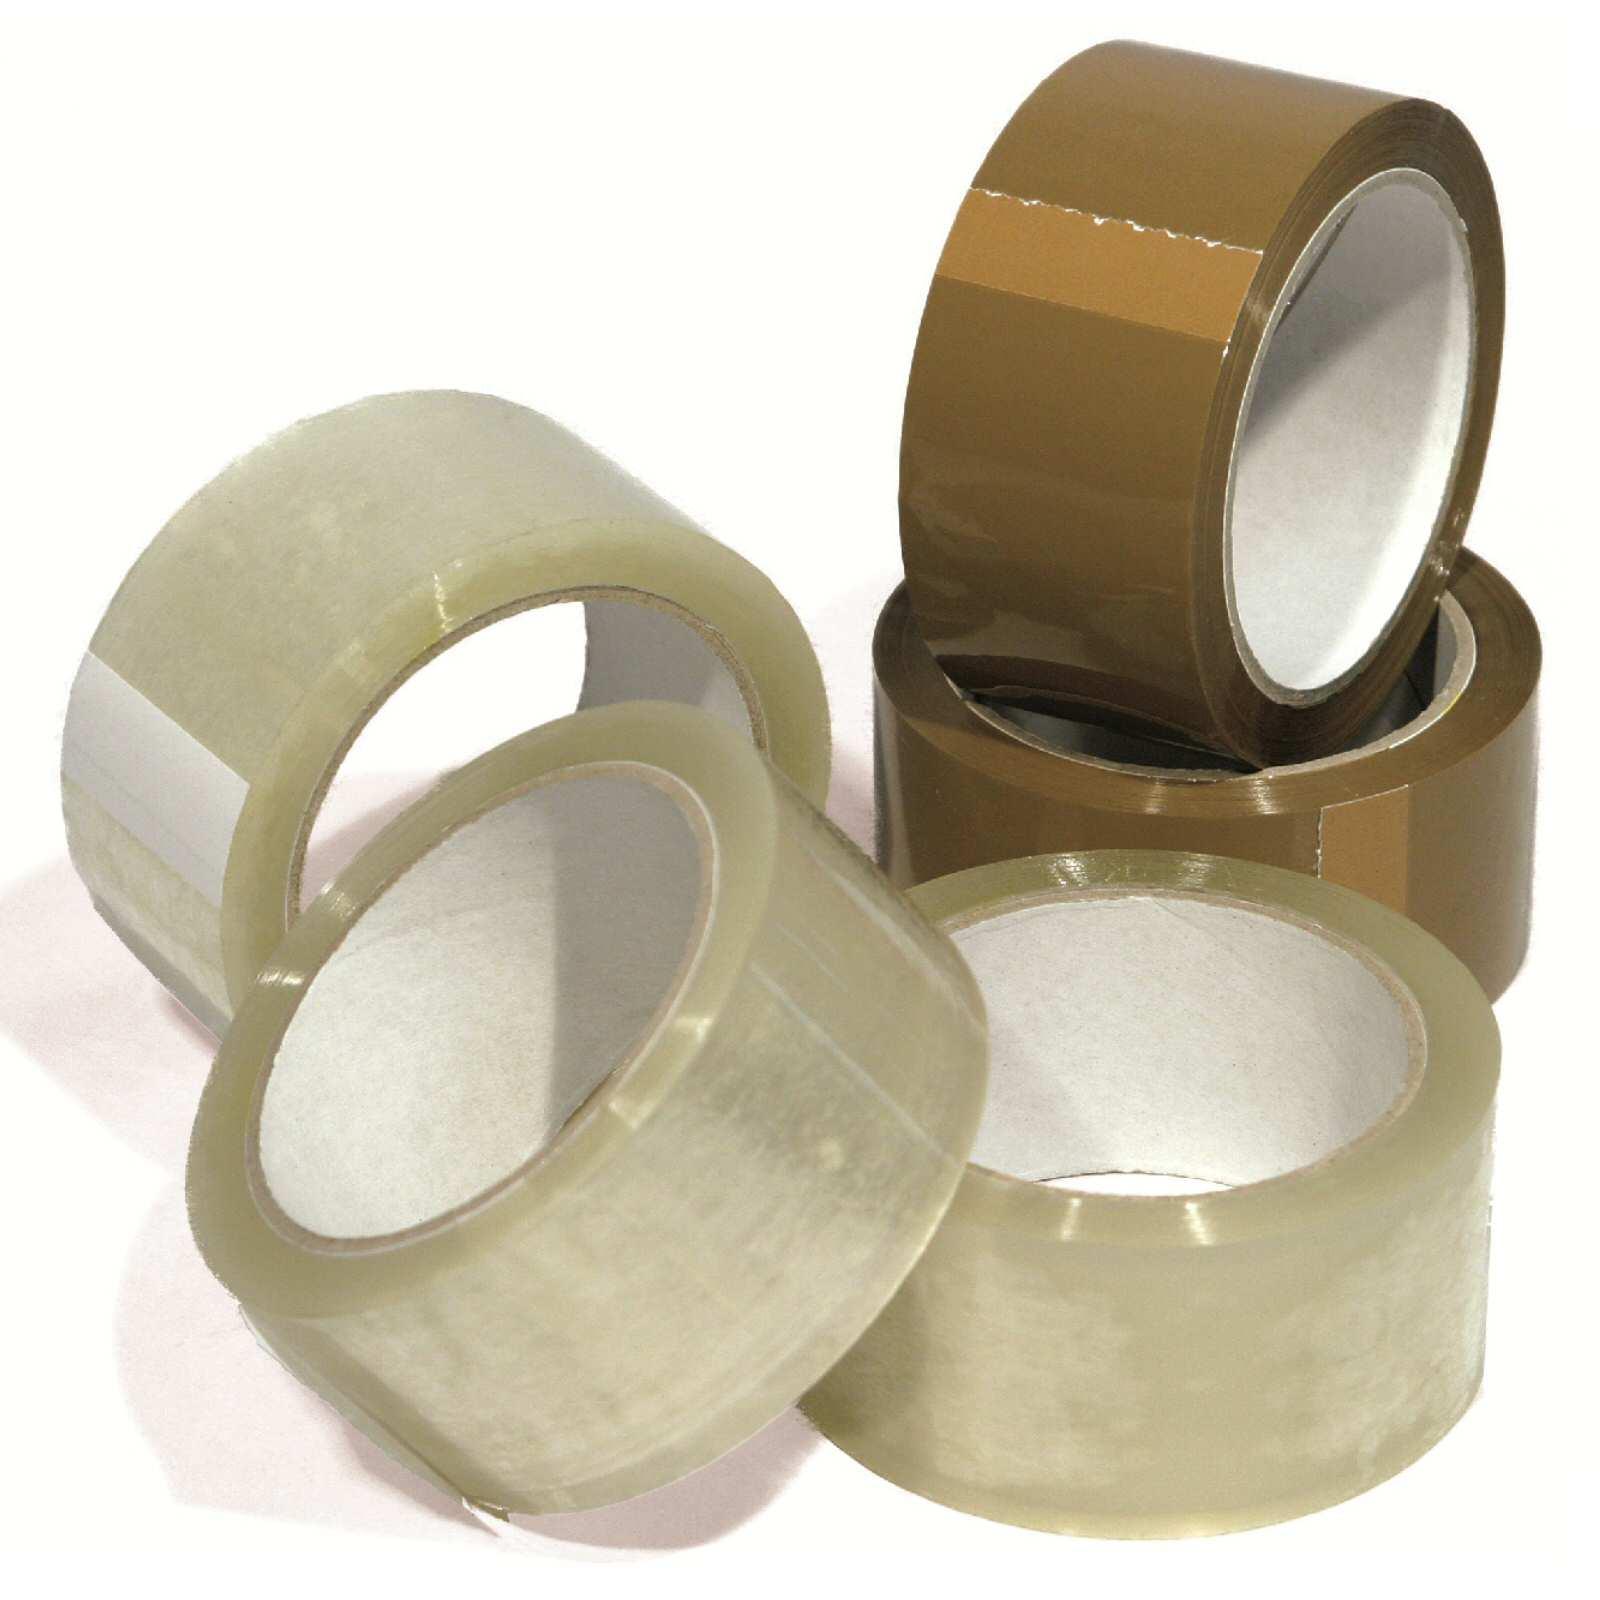 Nastri-adesivi-in-PPL-per-imballaggio